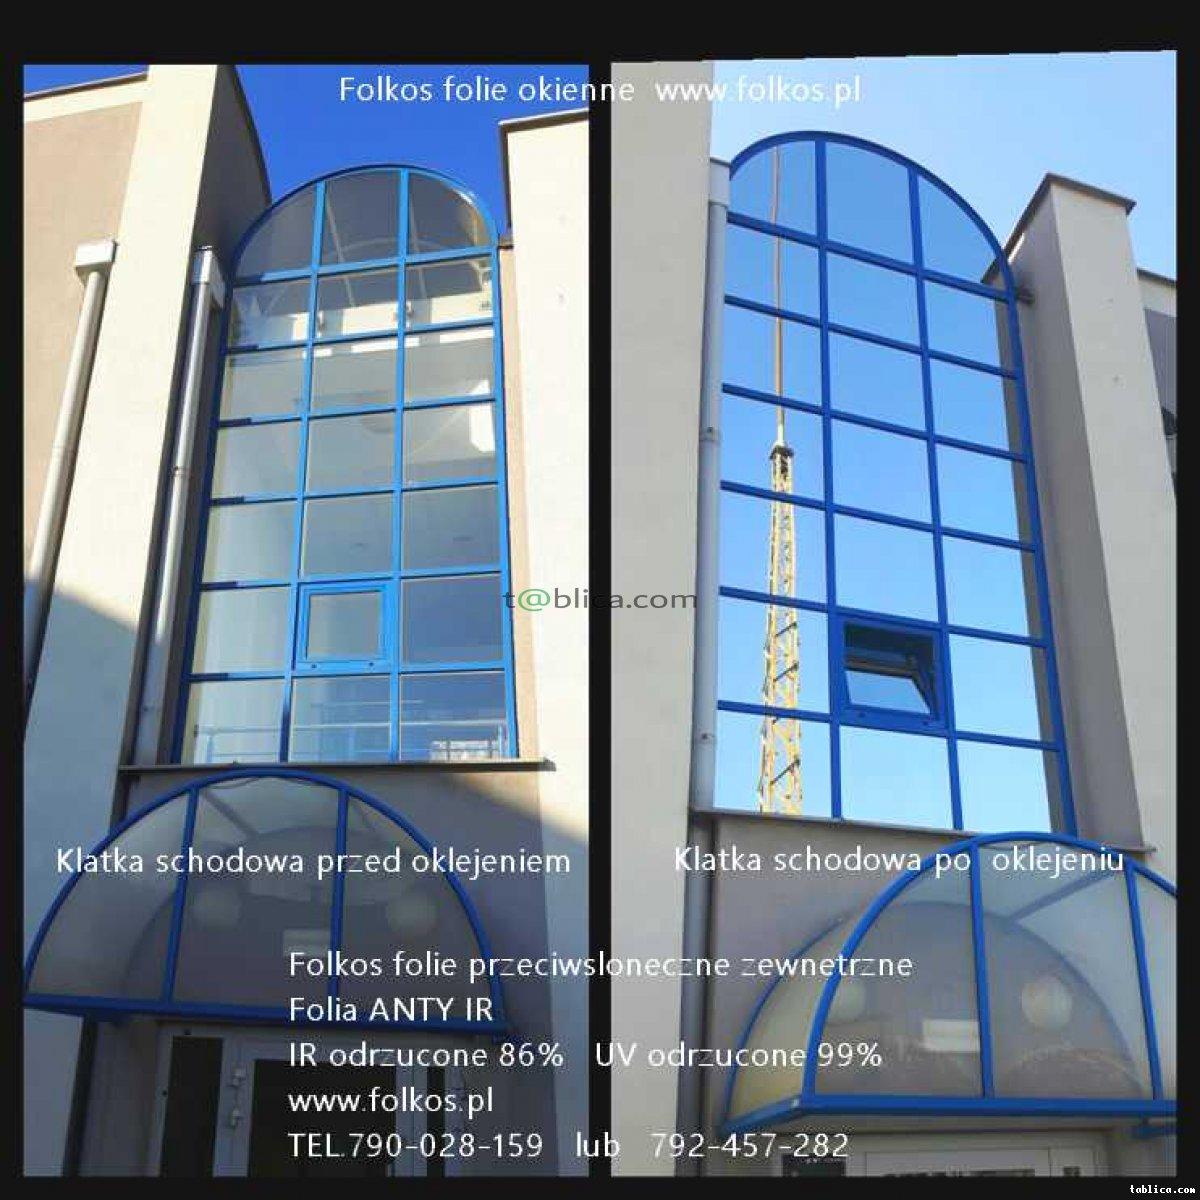 Folie przeciwsłoneczne Warszawa -Folia anty IR,UV